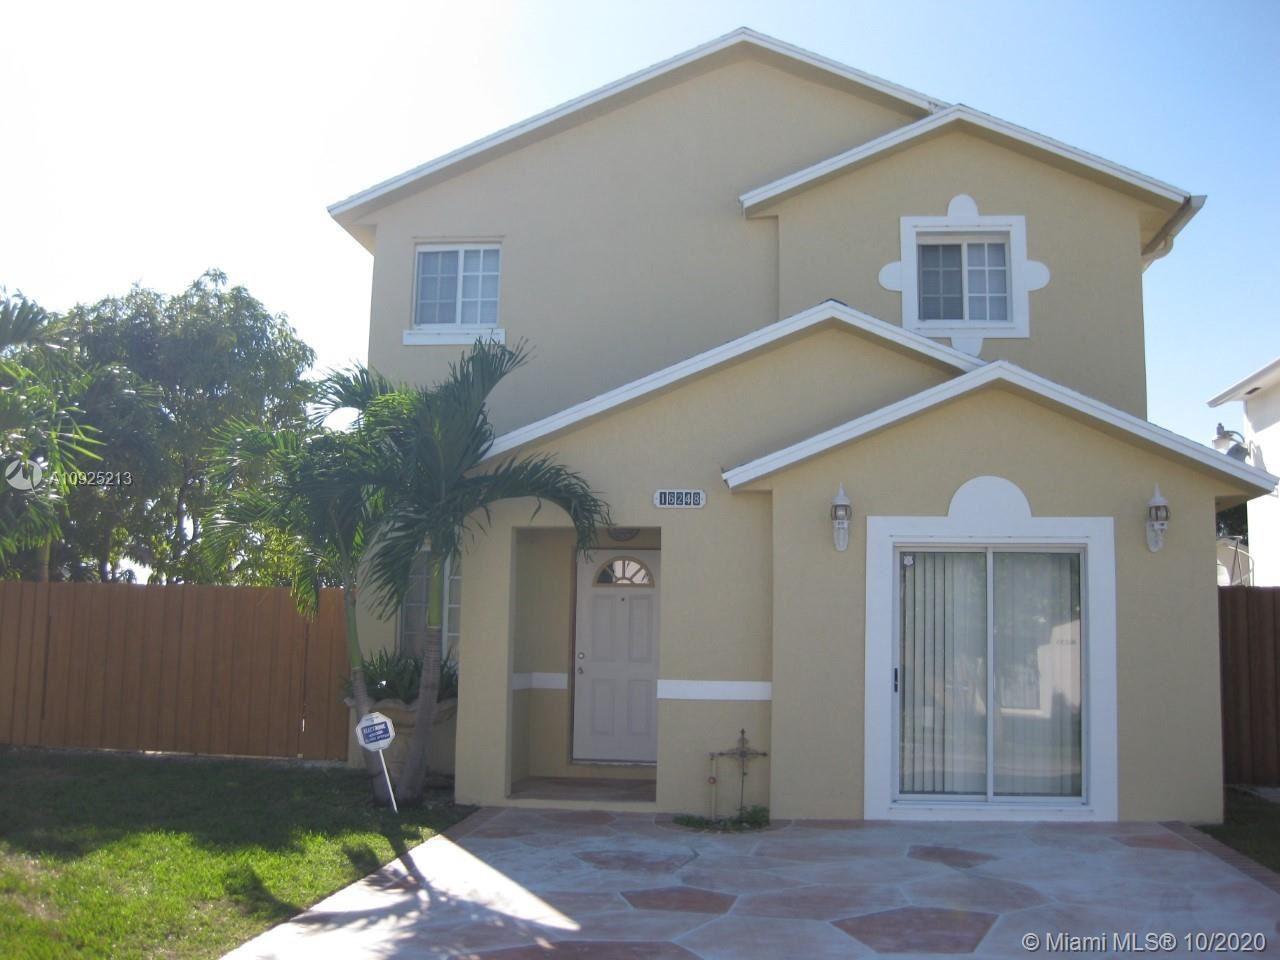 16248 SW 138th Pl, Miami, FL 33177 - #: A10925213